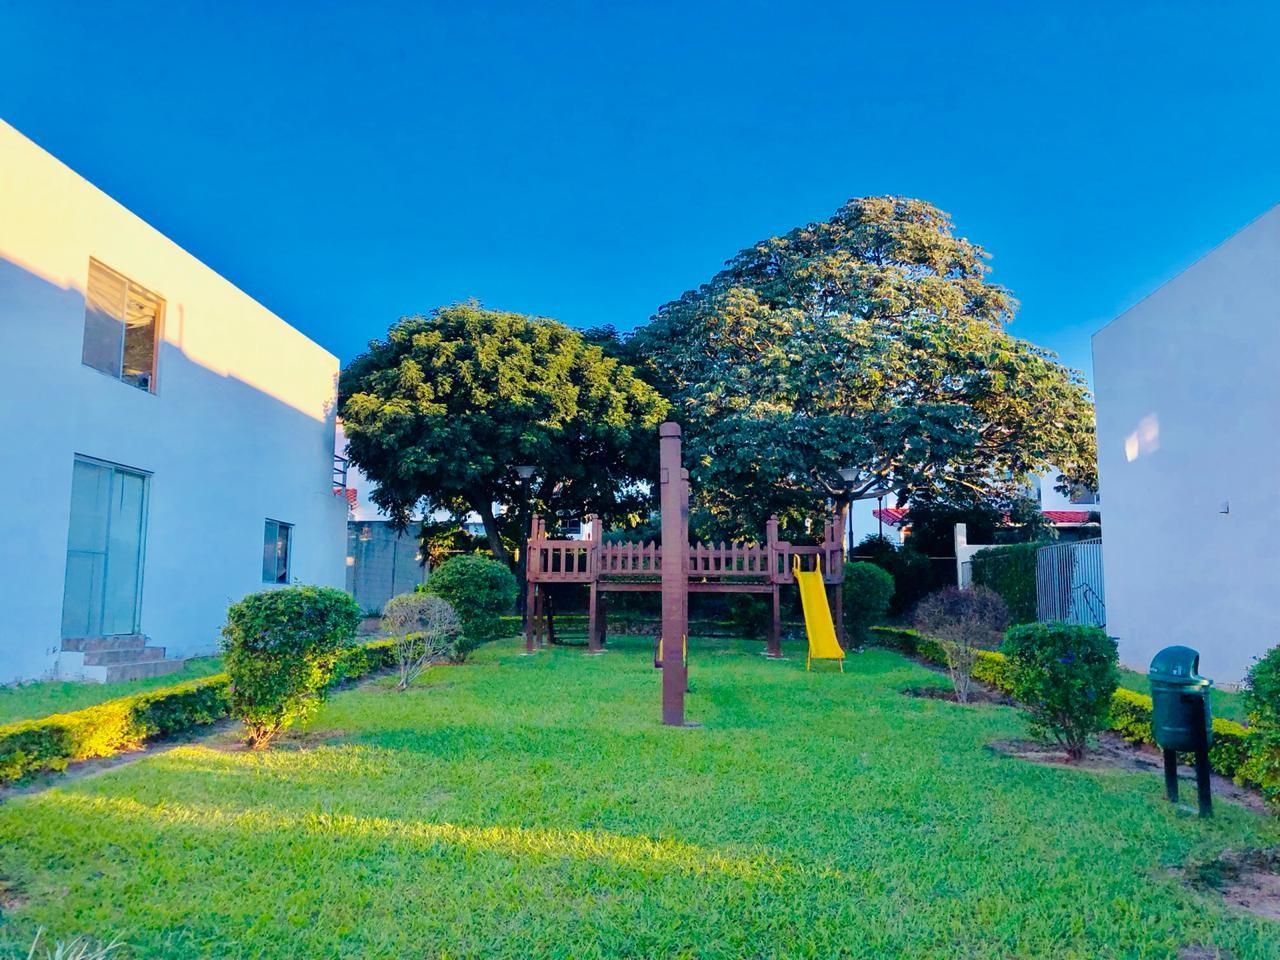 Casa en Alquiler Zona Urubo - Condominio Jardines del Urubo - lado de Restaurante Casa del Camba - a 1 minuto del Puente principal. Foto 9